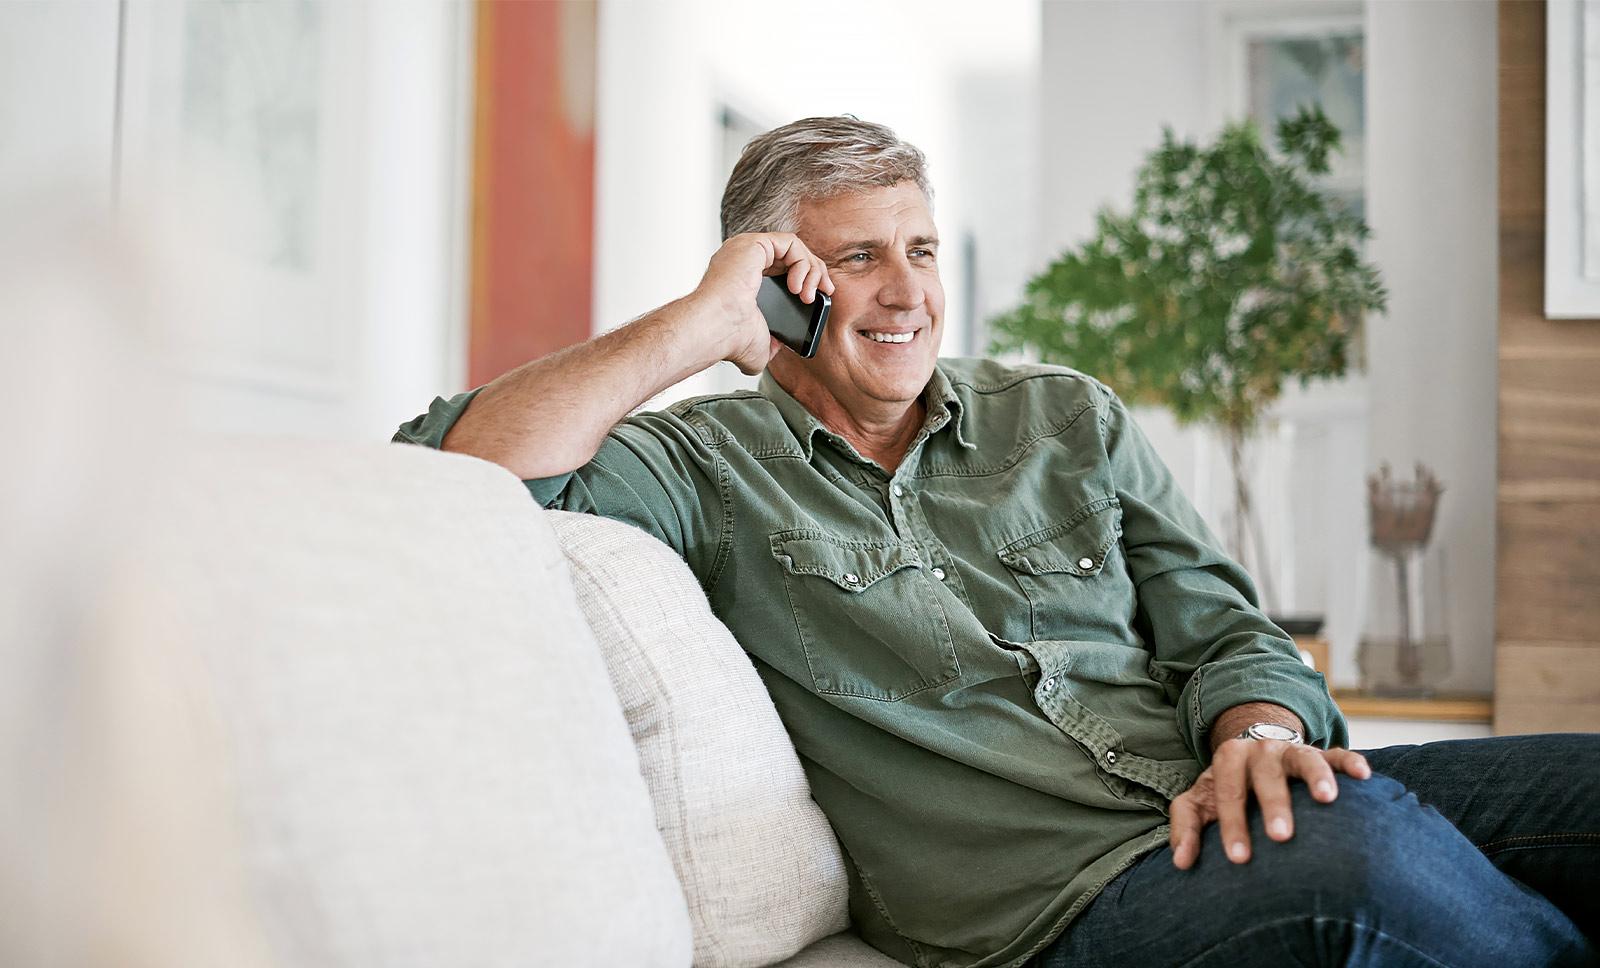 Spazierengehen am Telefon